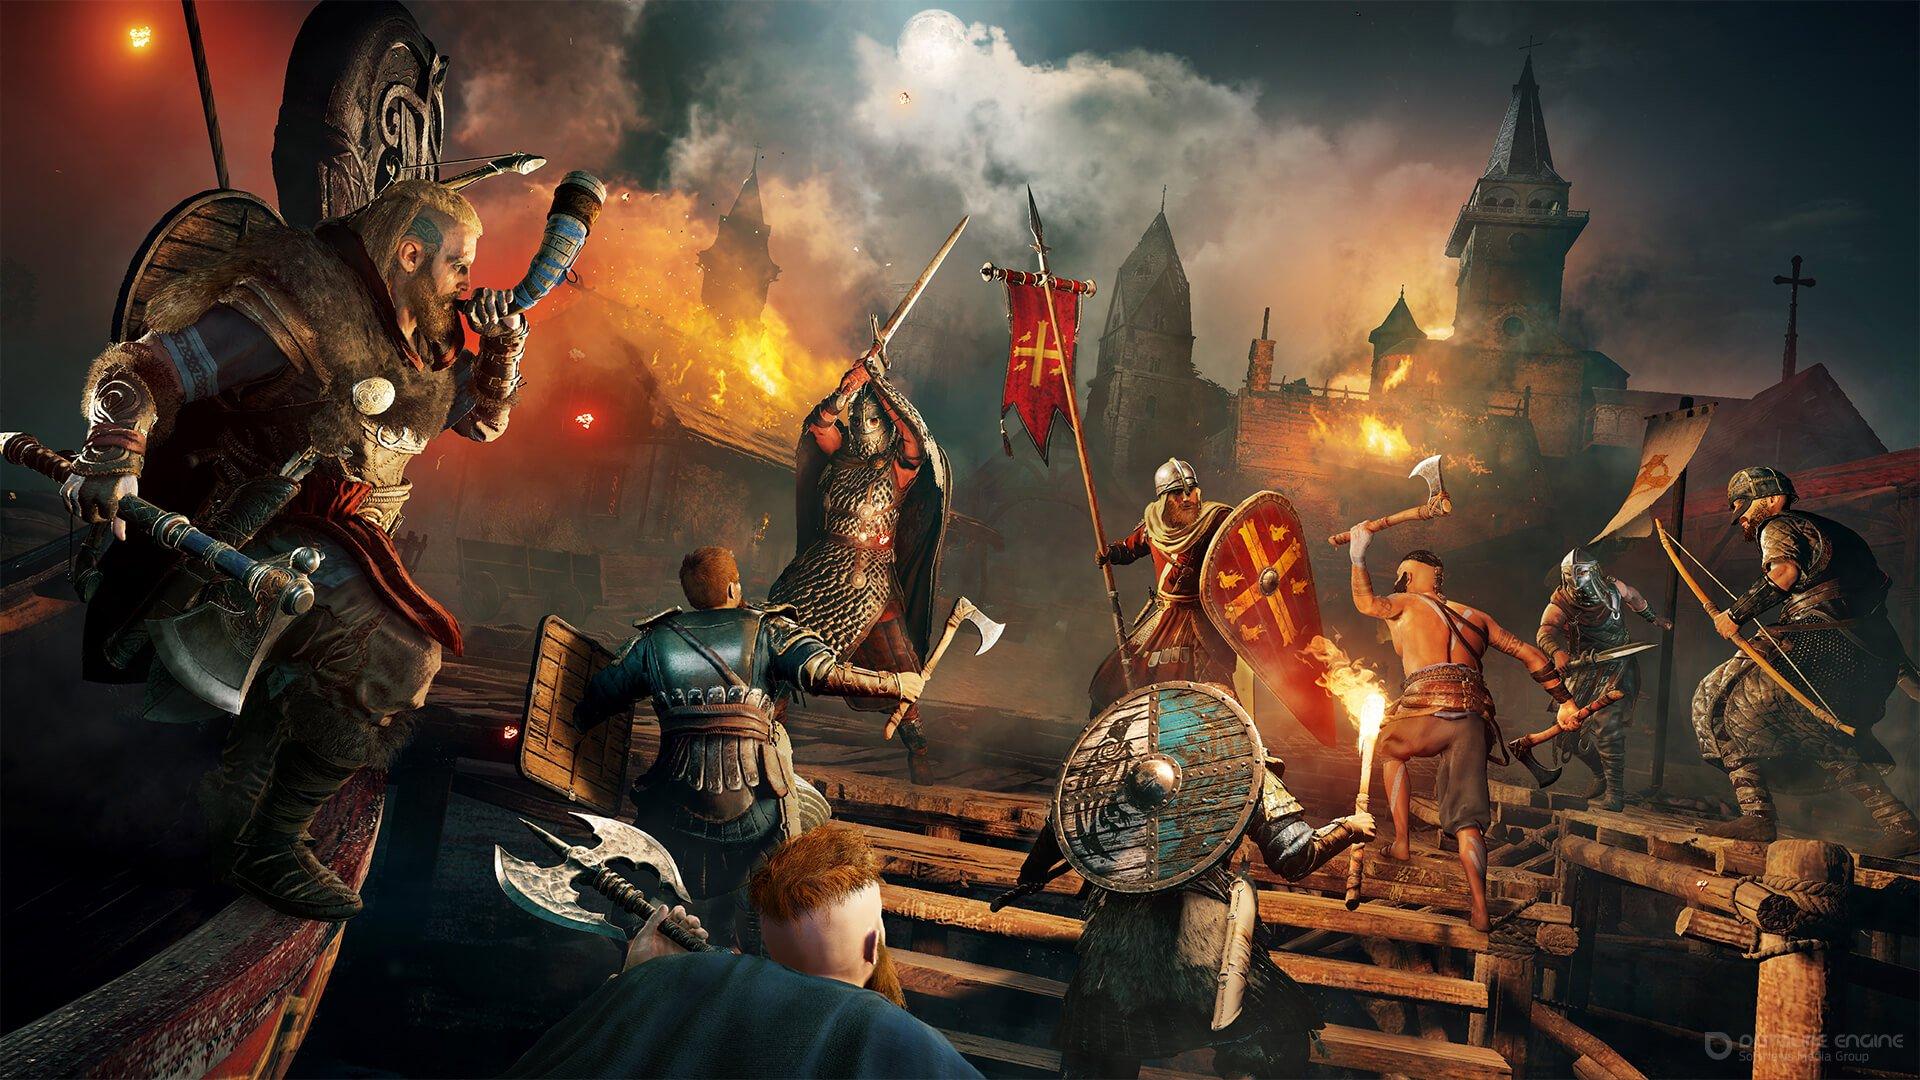 Скриншот к игре Assassin's Creed: Valhalla v.1.1.2 [Uplay-Rip] (2020) скачать торрент Лицензия